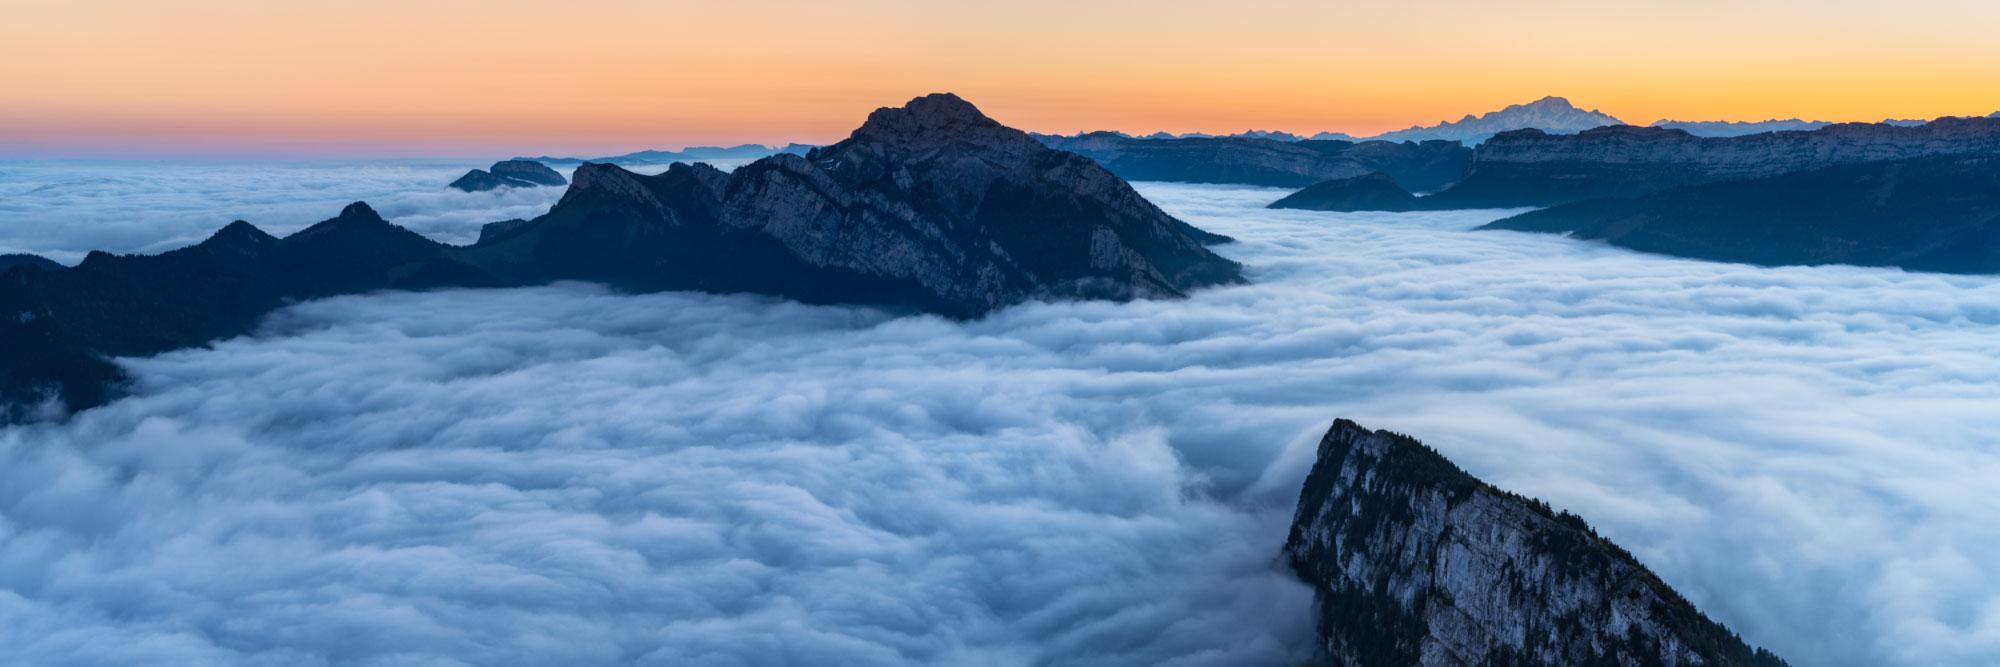 Le Mont-Blanc vu de Charmant-Som, Chartreuse